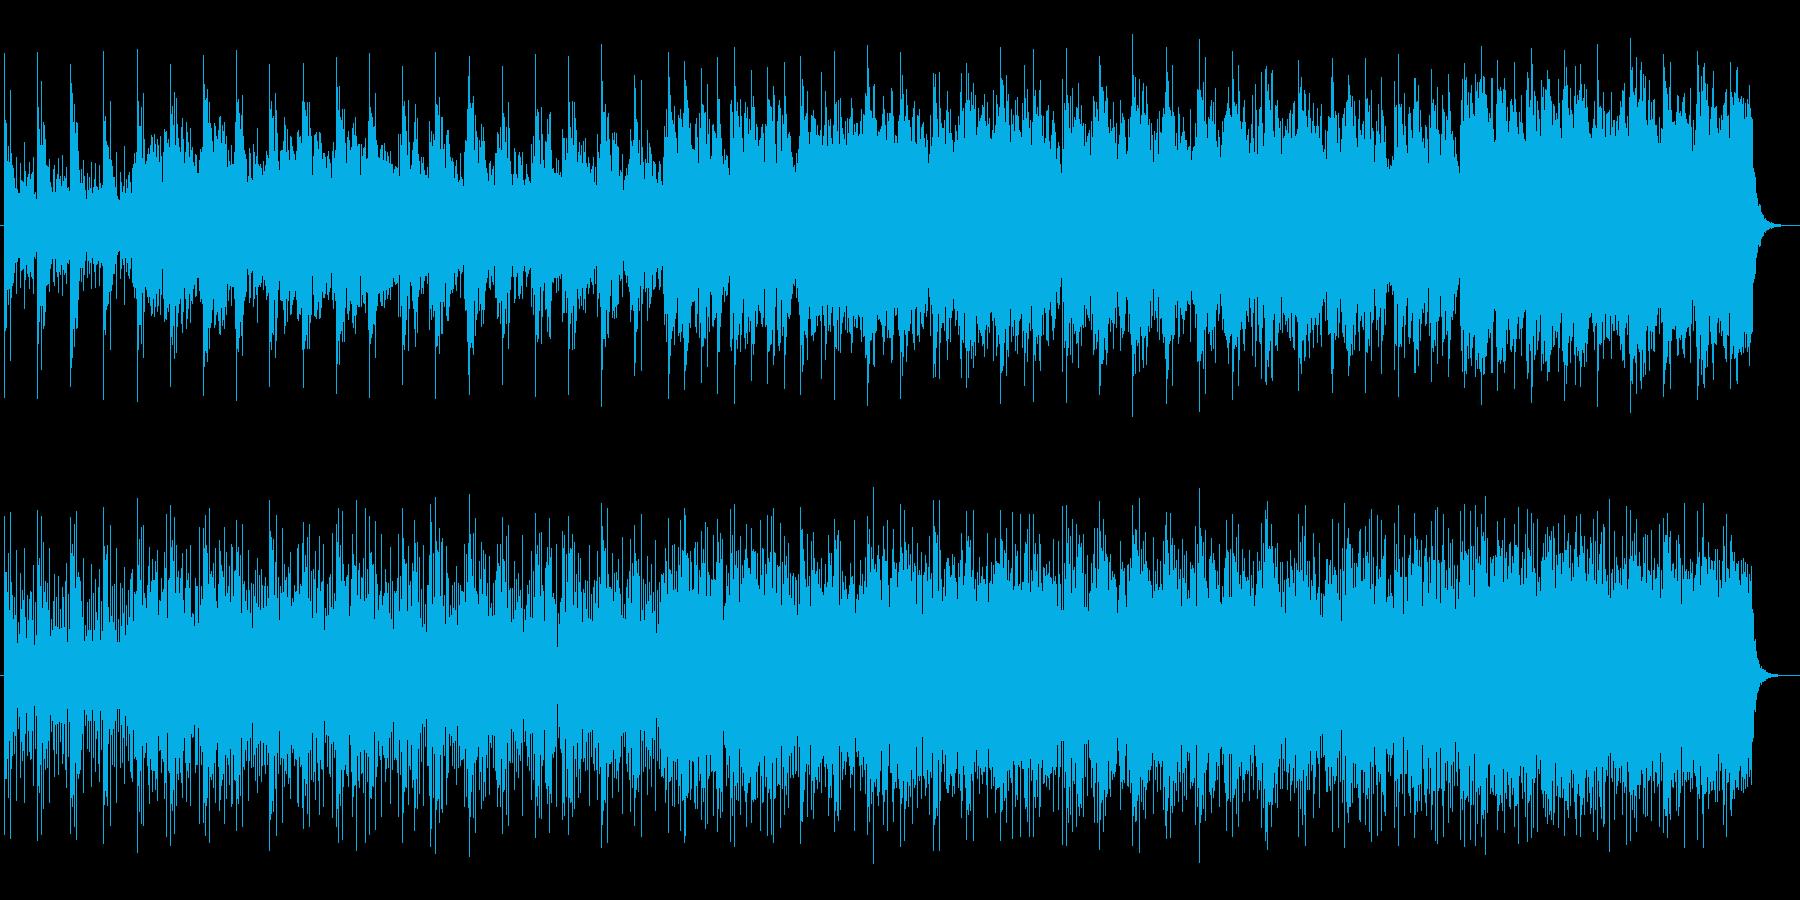 流麗で幻想的なテクノポップの再生済みの波形